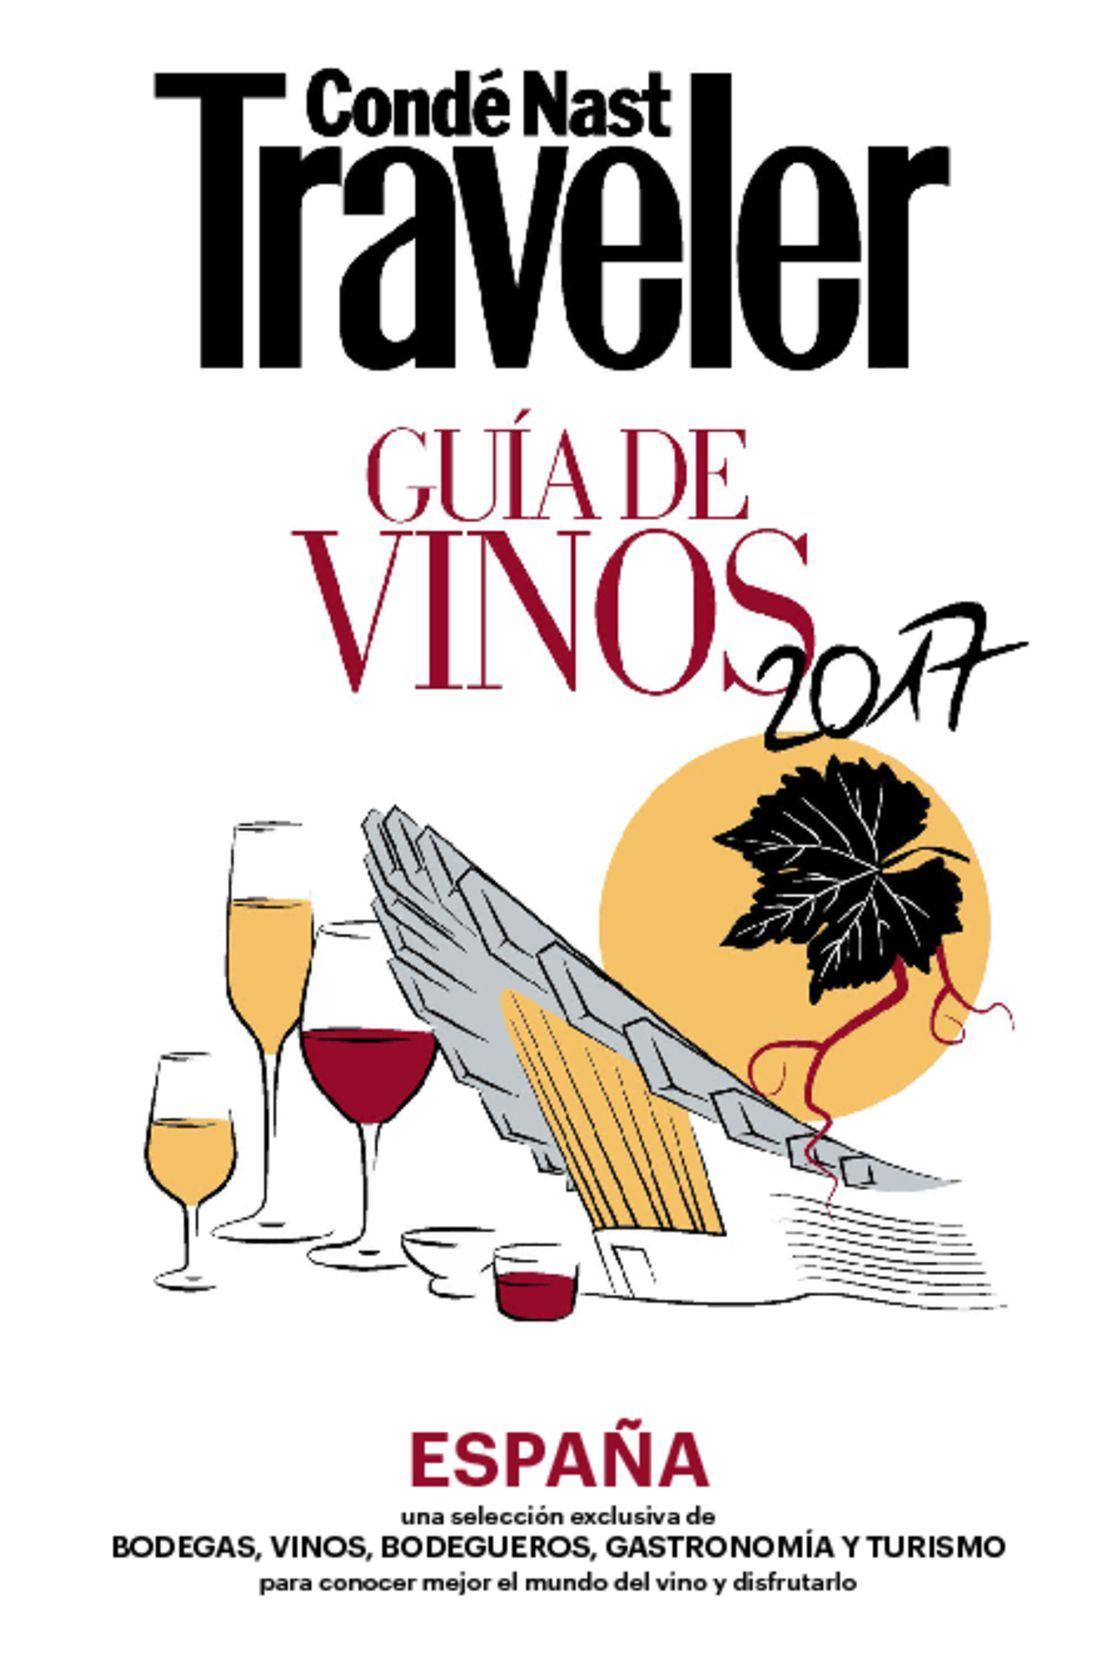 Condé Nast Traveler GUIA DE VINOS 2016 Digital